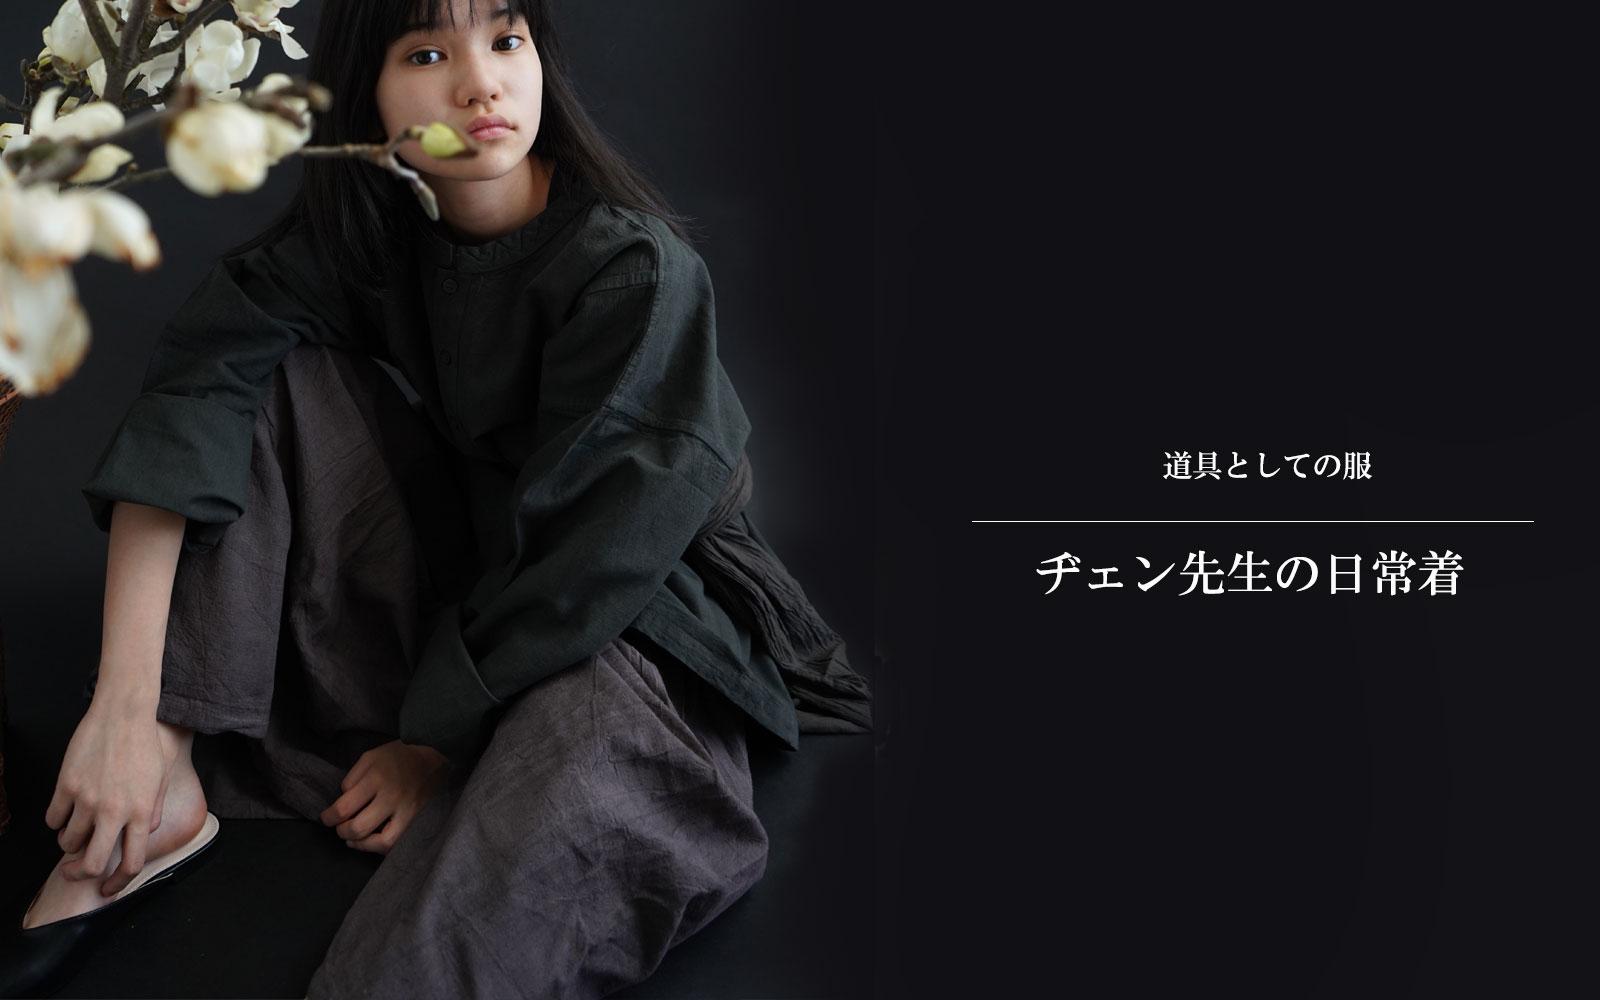 台湾ヂェン先生の日常着 鄭惠中老師 通販 オンラインショップ